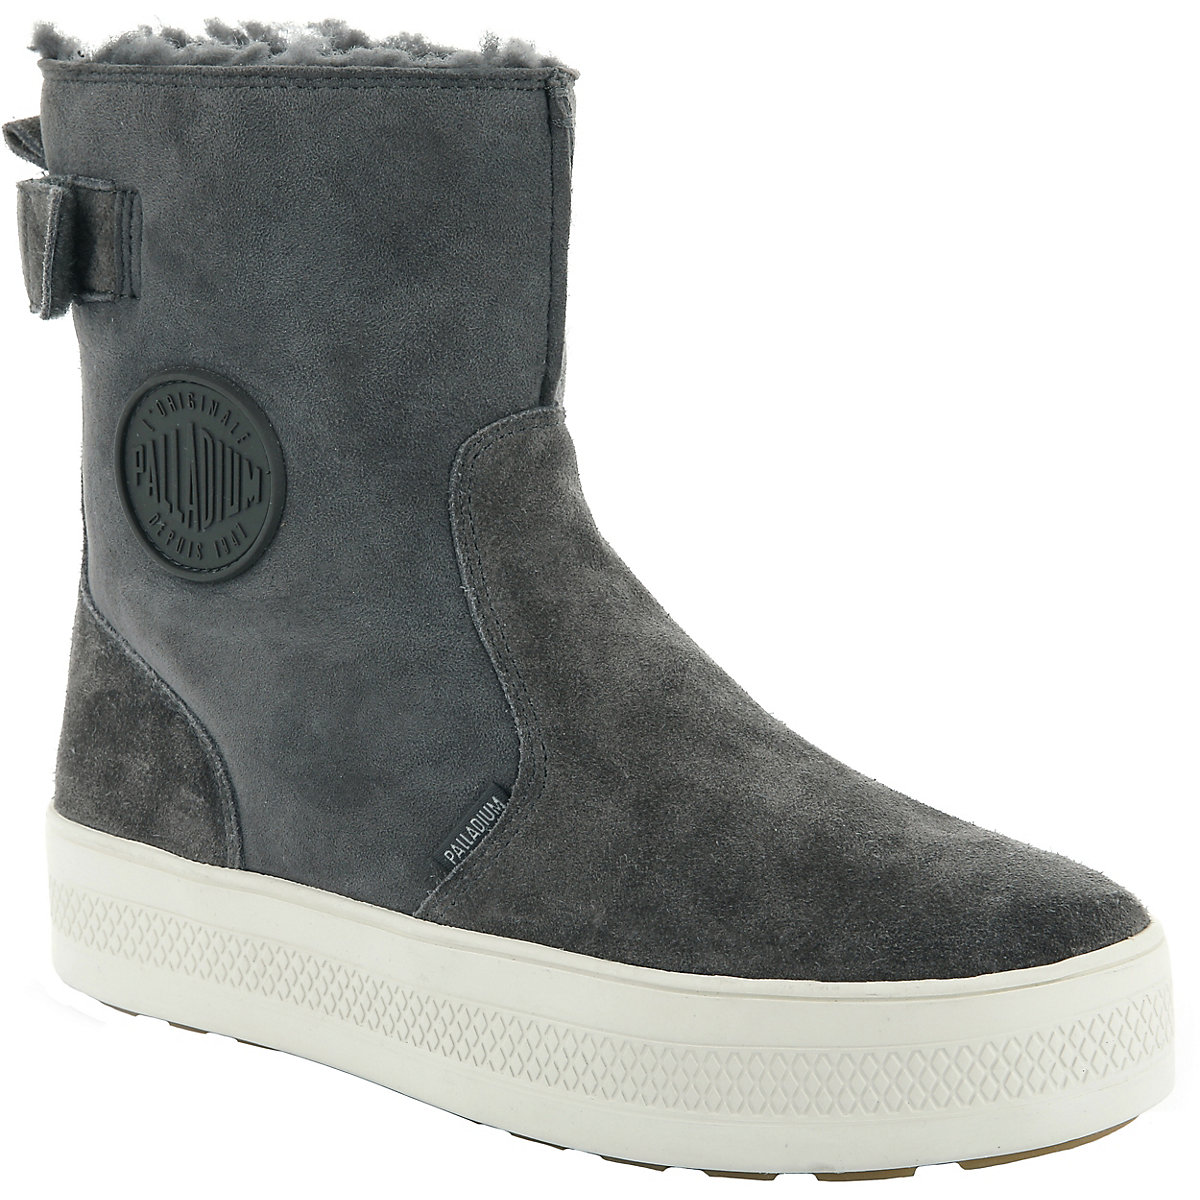 Palladium, Sub Explore Winterstiefeletten, grau  Gute Qualität beliebte Schuhe